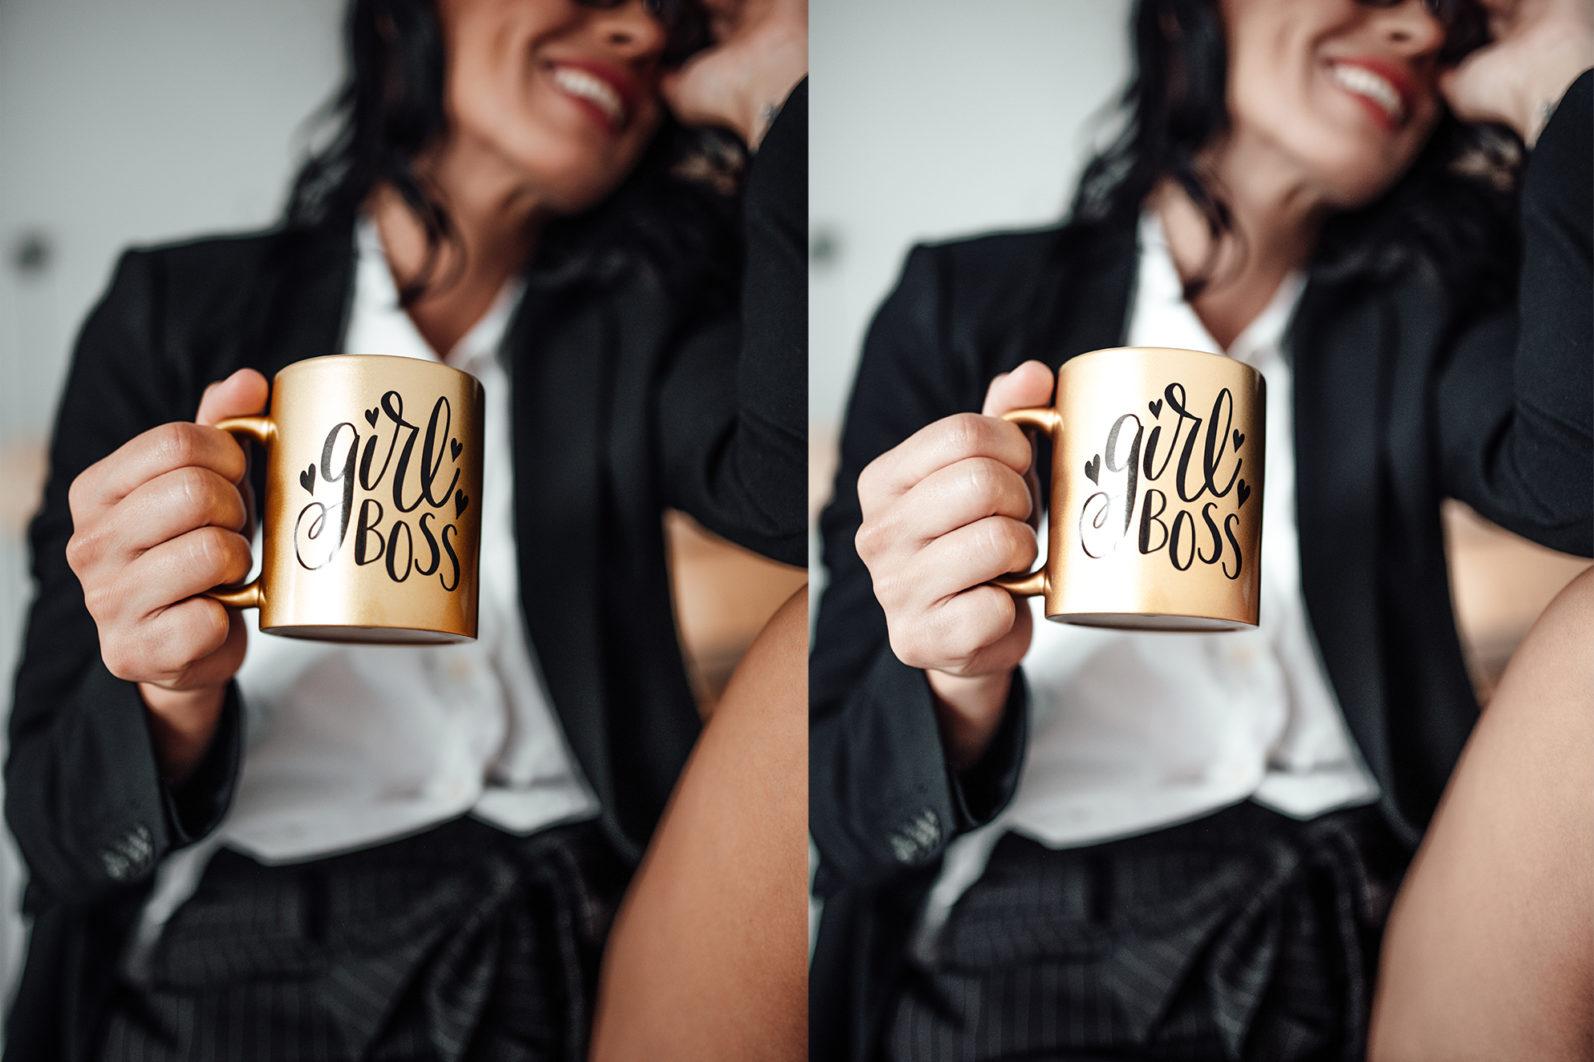 8 x Girl Boss Presets, Office Presets   Mobile and Desktop - 7 Girl Boss1 -